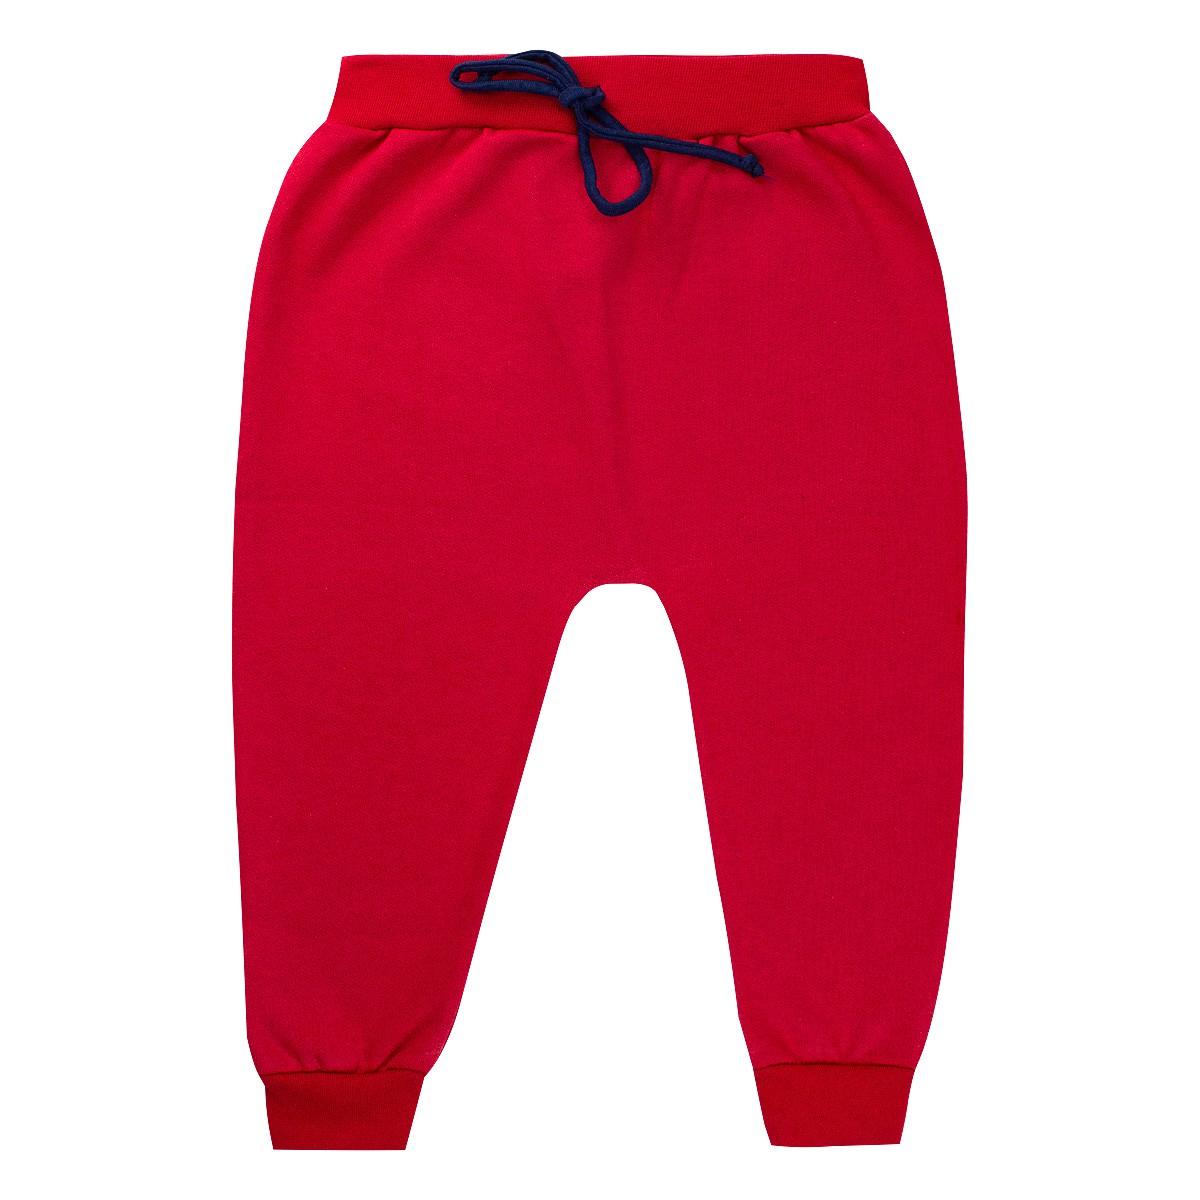 Calça de Moletom Infantil Menino Saruel Lisa - Vermelha